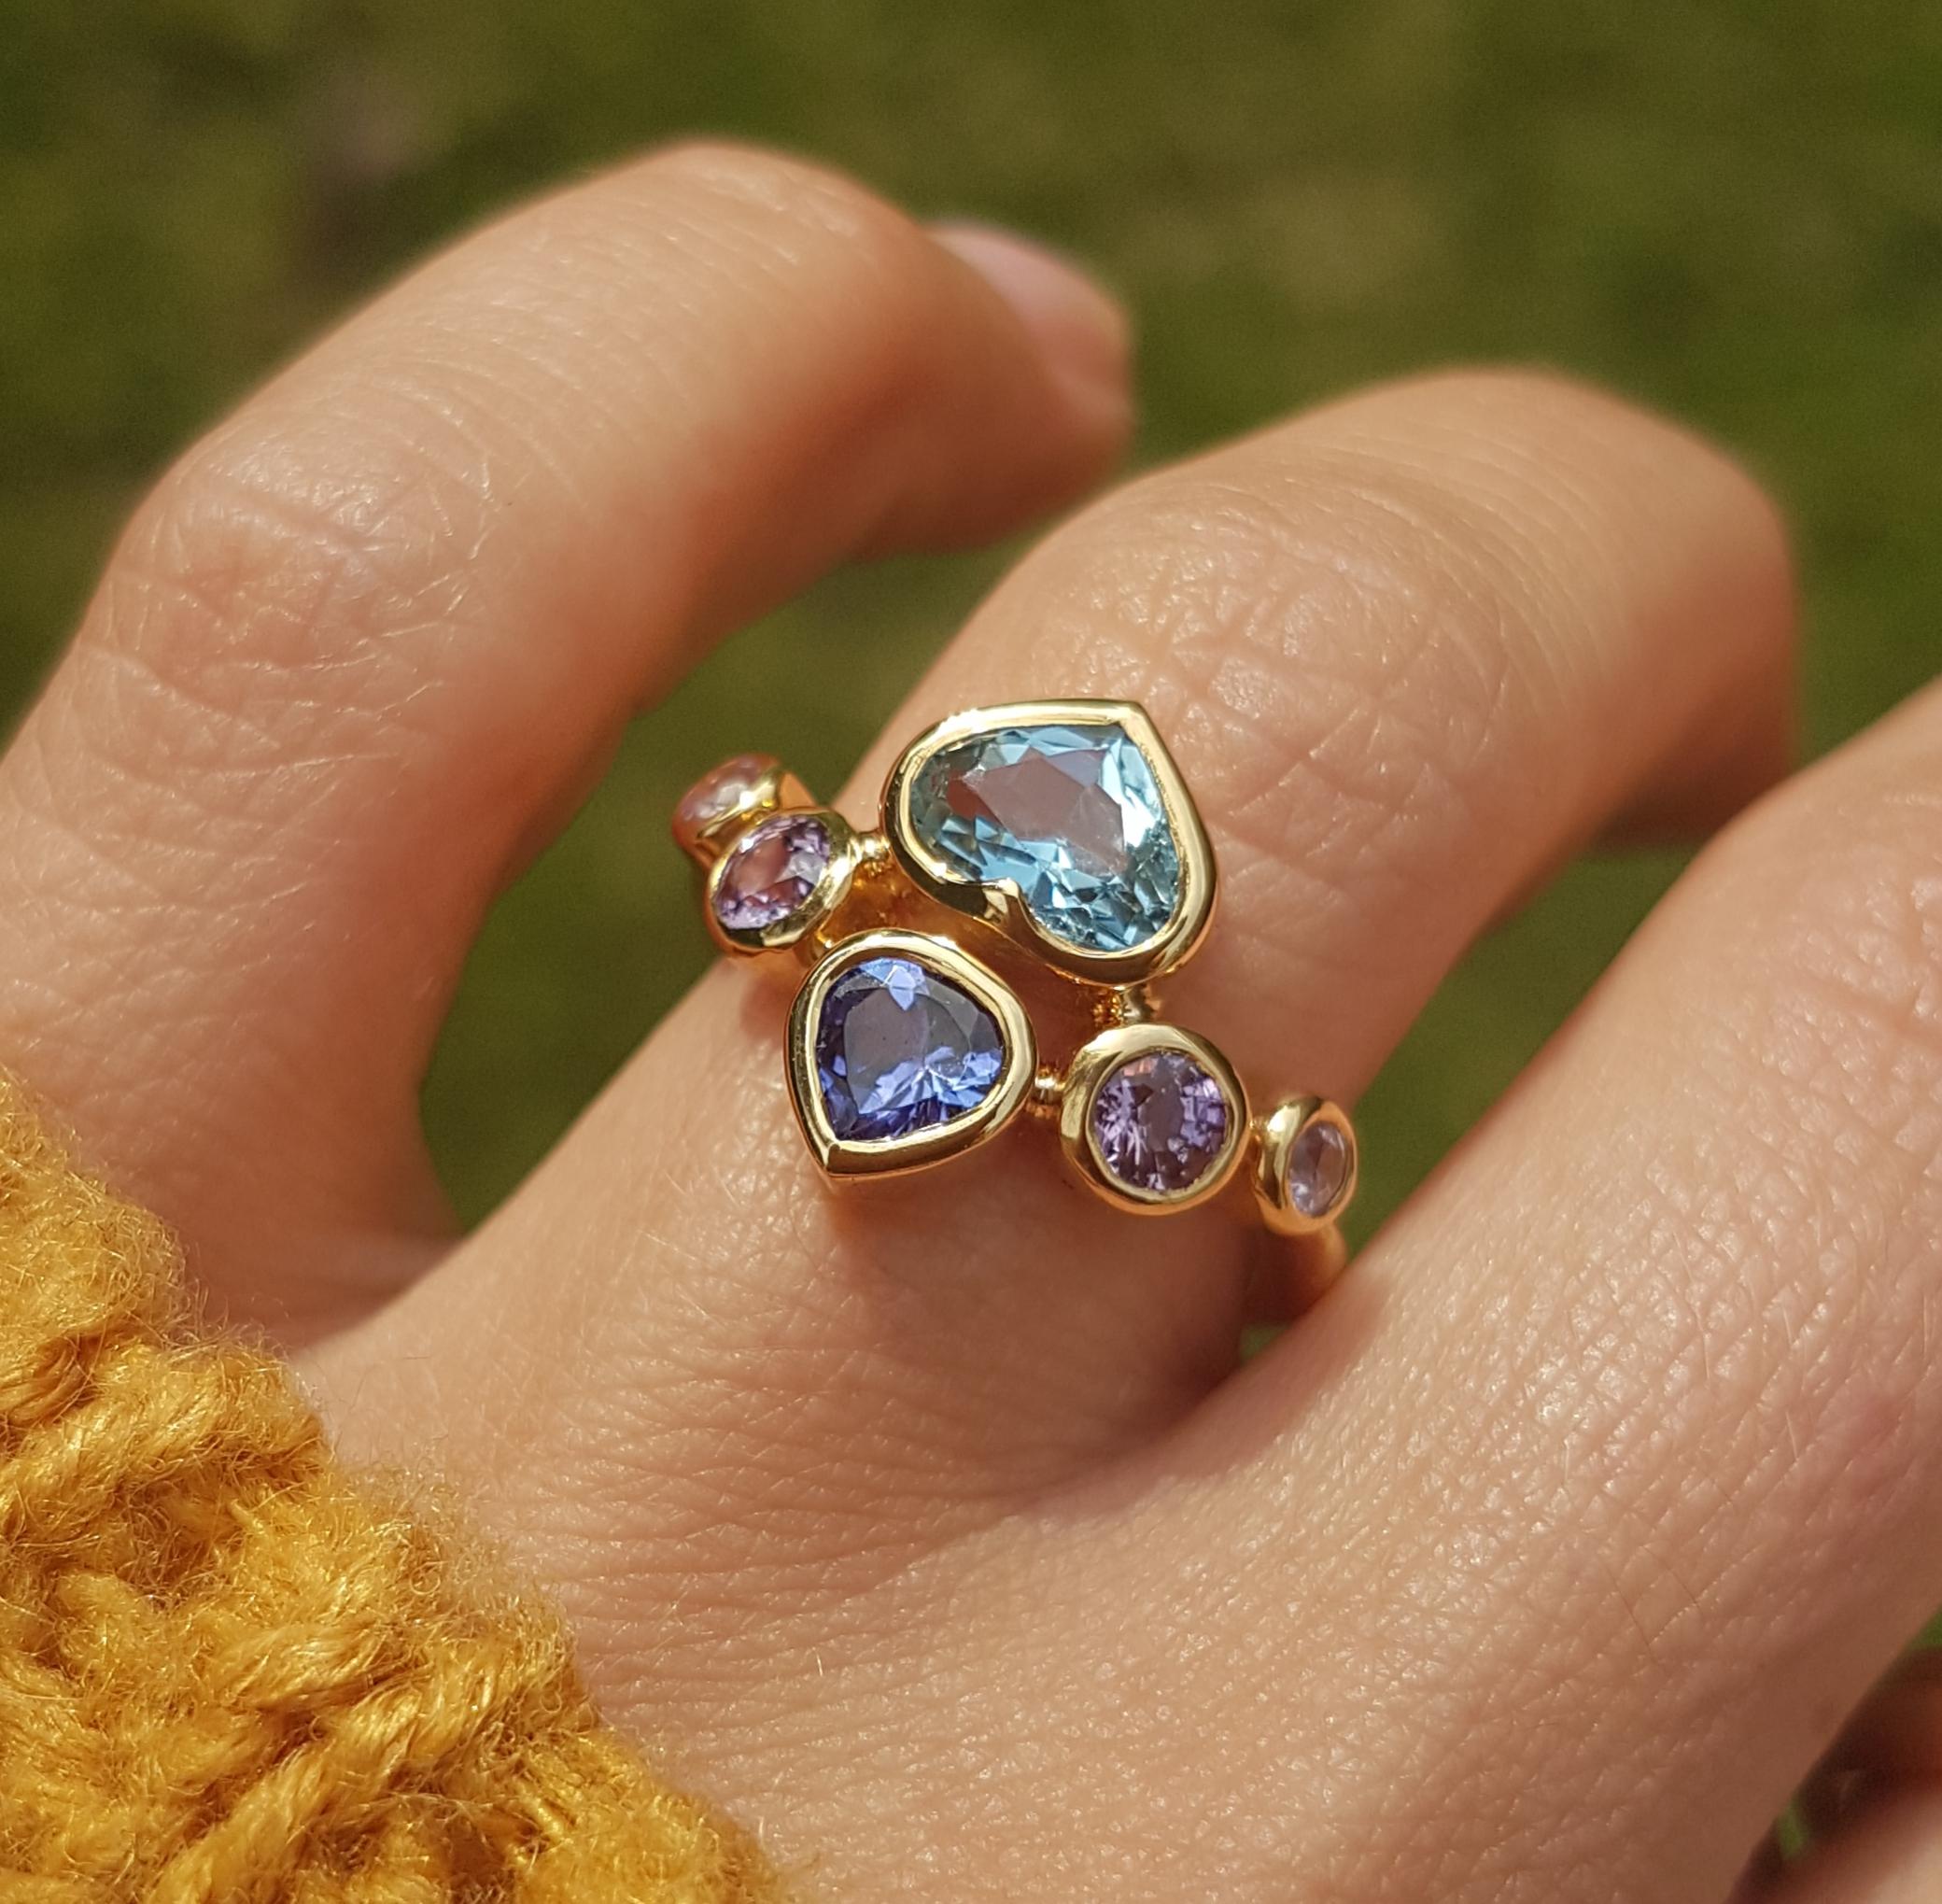 Fran barker design ring